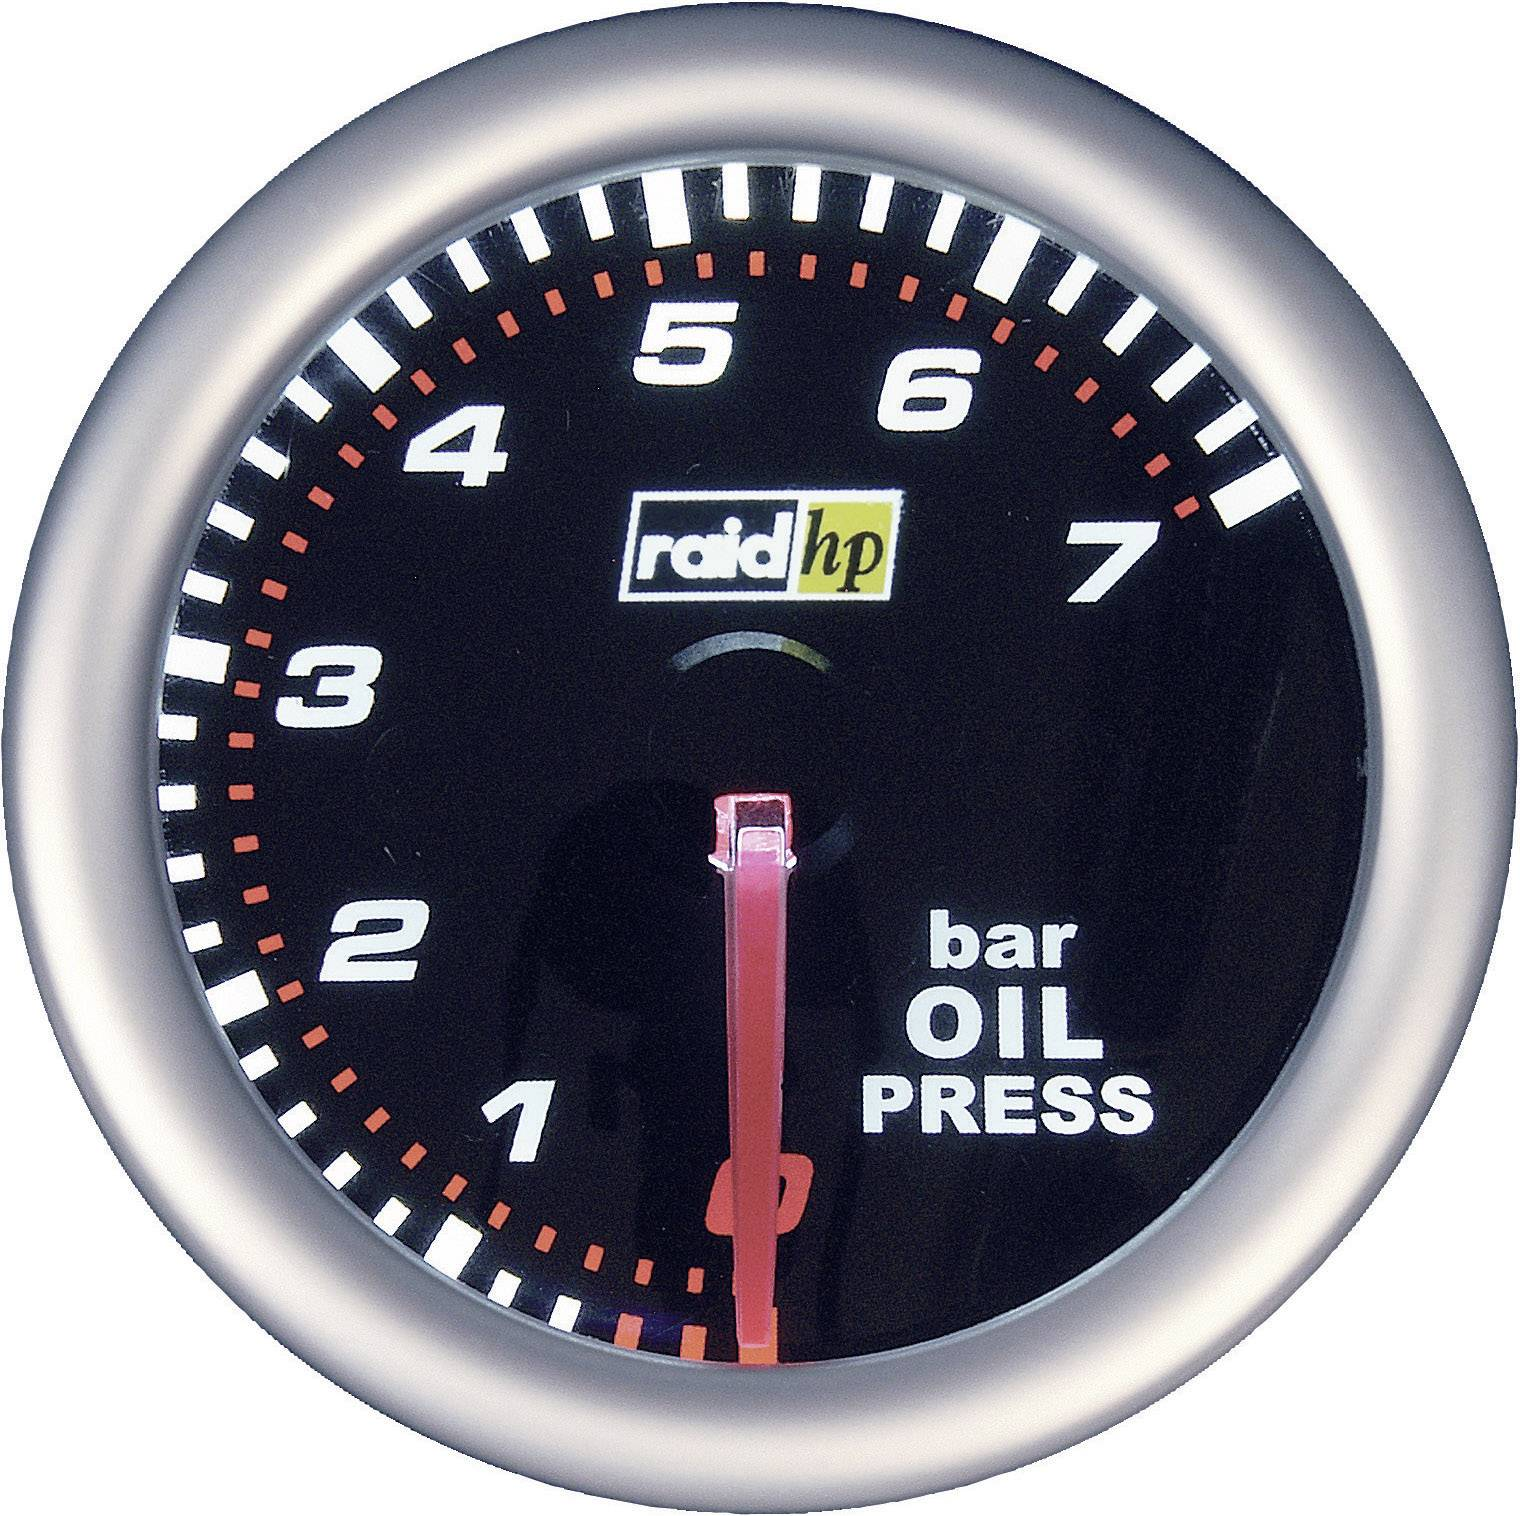 Palubní tlakoměr oleje Raid Hp NightFlight, 660241